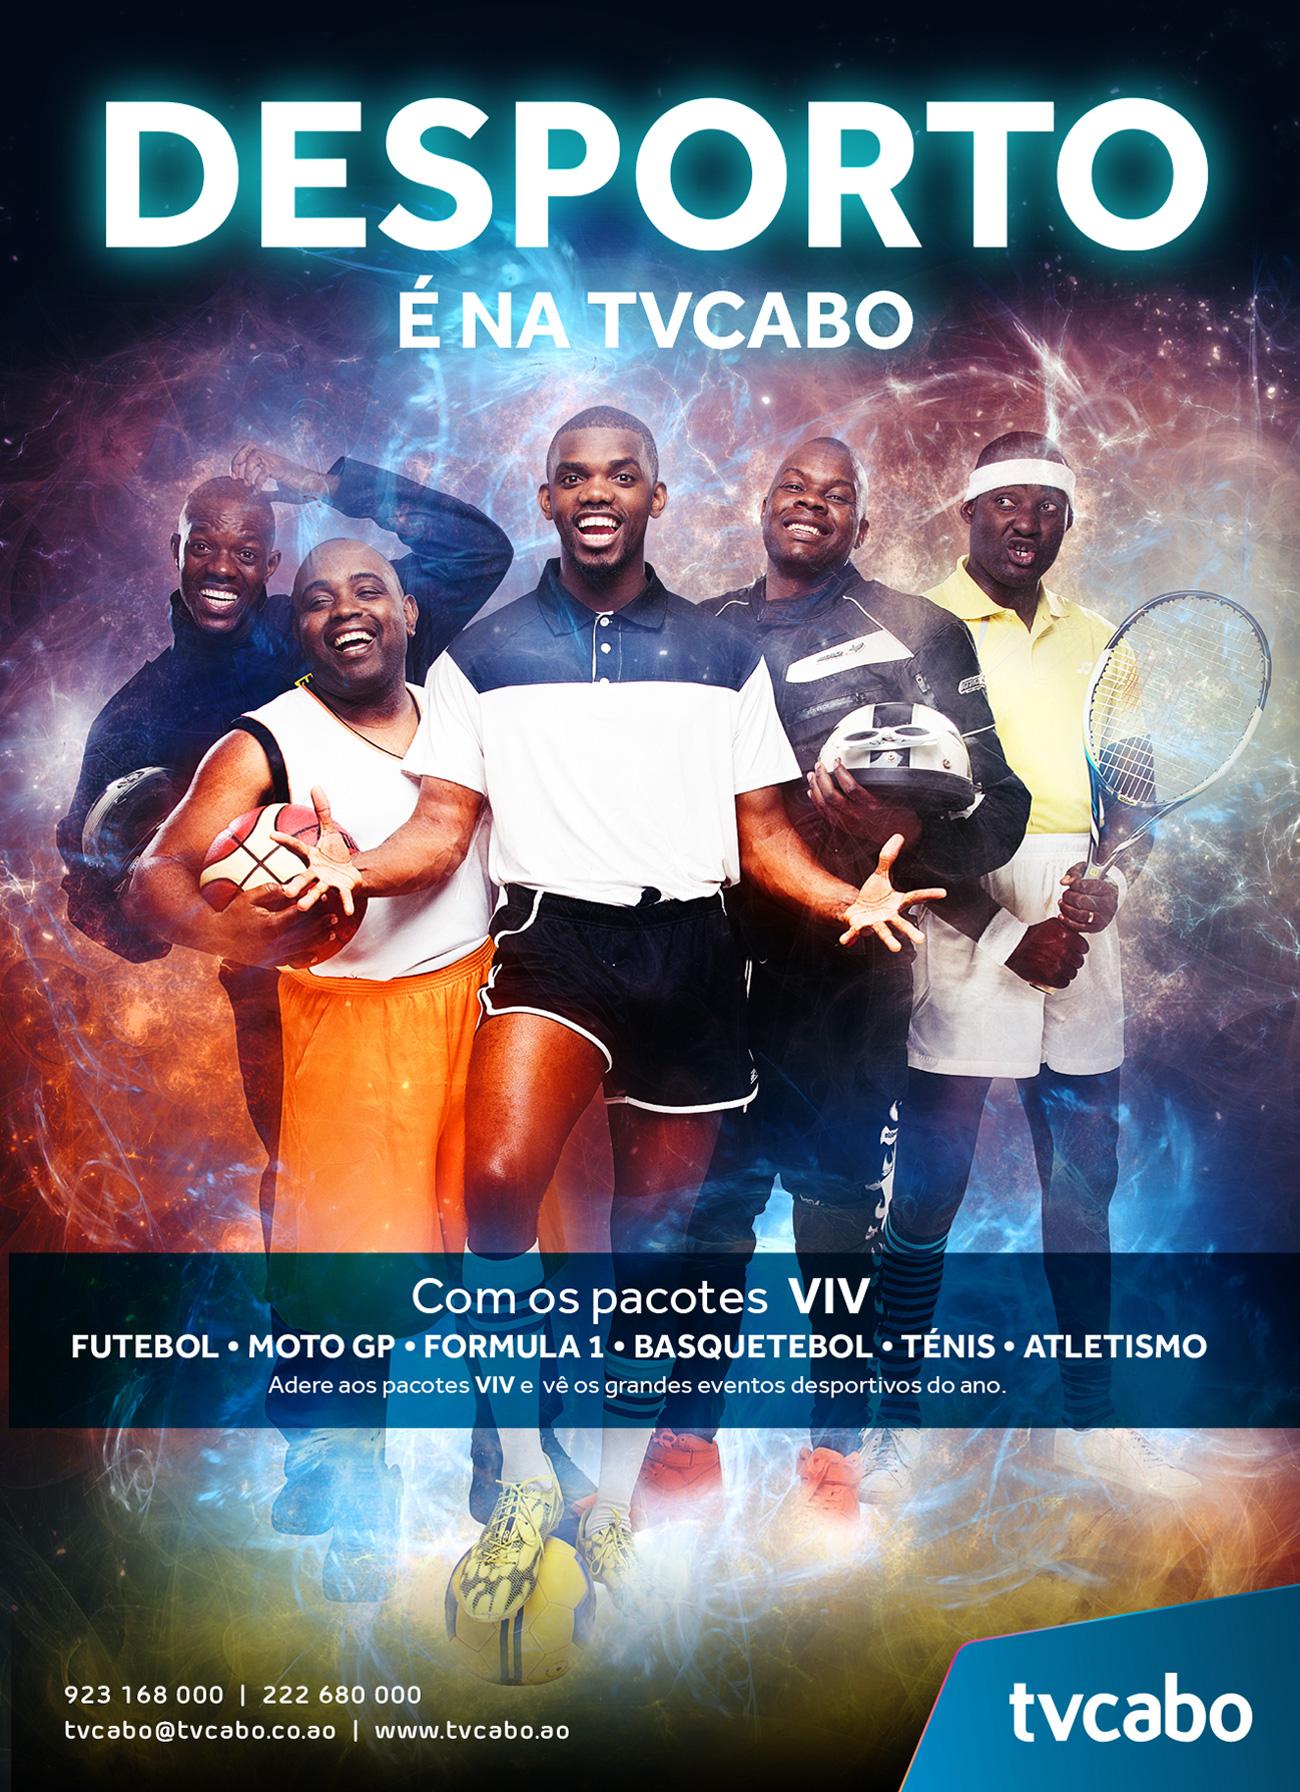 TVCABO Angola VIV(er) in 3 Dimensions